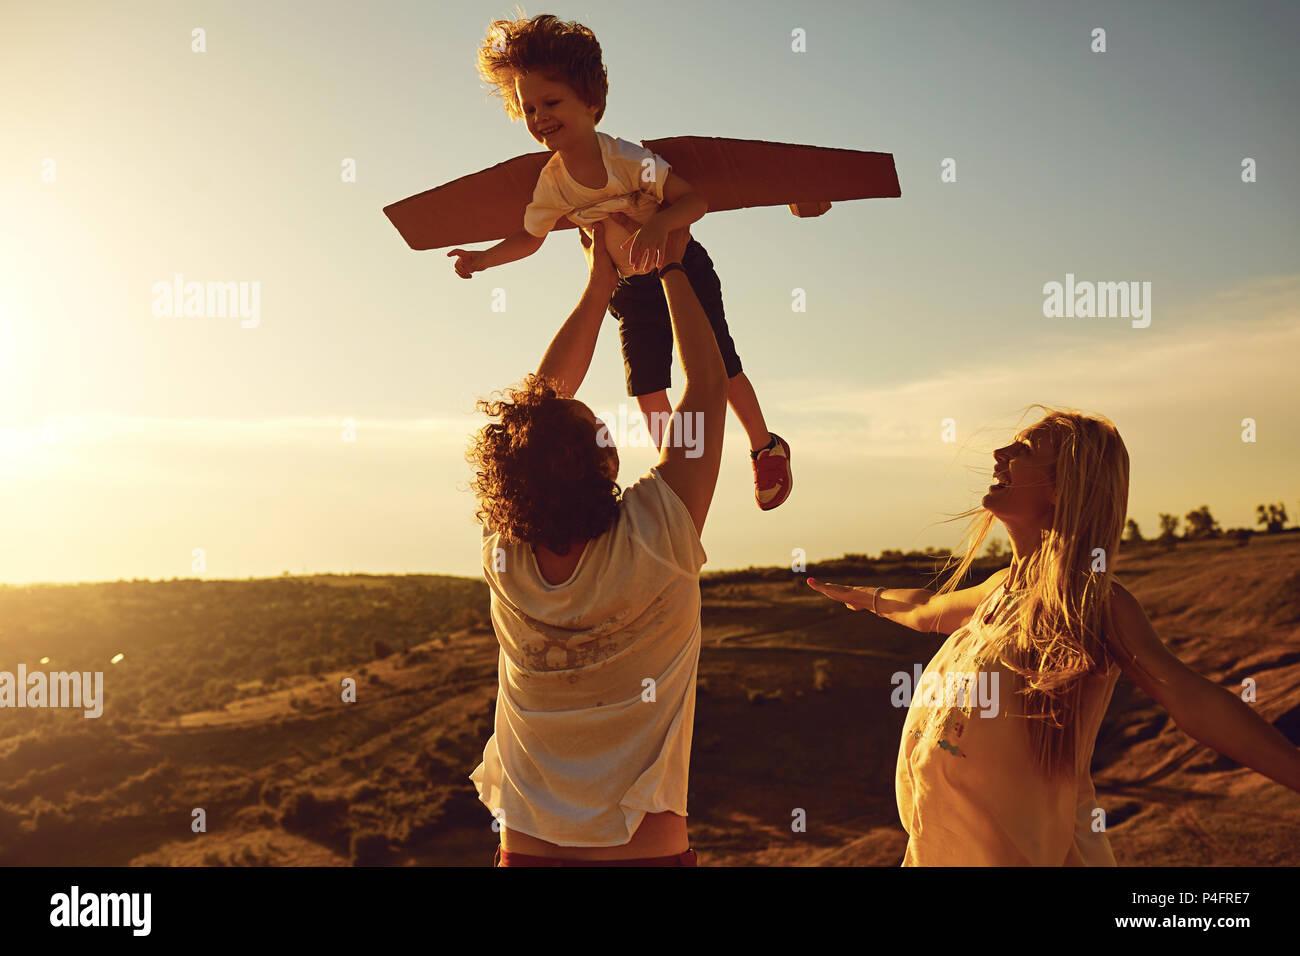 Familia jugando en la naturaleza al atardecer Imagen De Stock